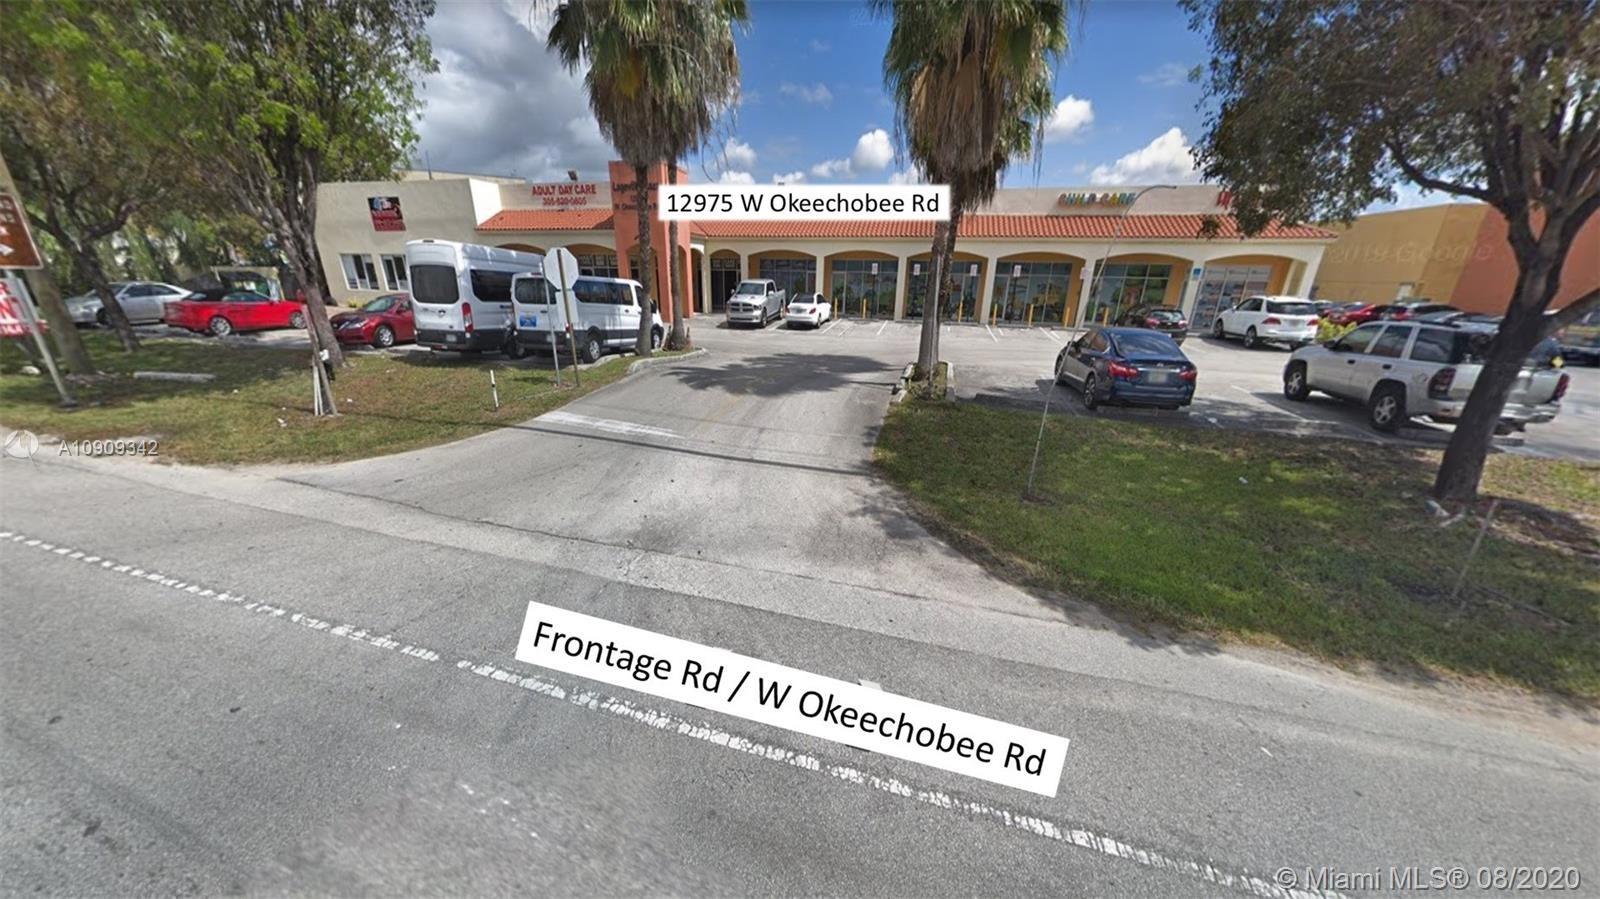 12975 W Okeechobee Rd   10, Hialeah Gardens, FL 33018